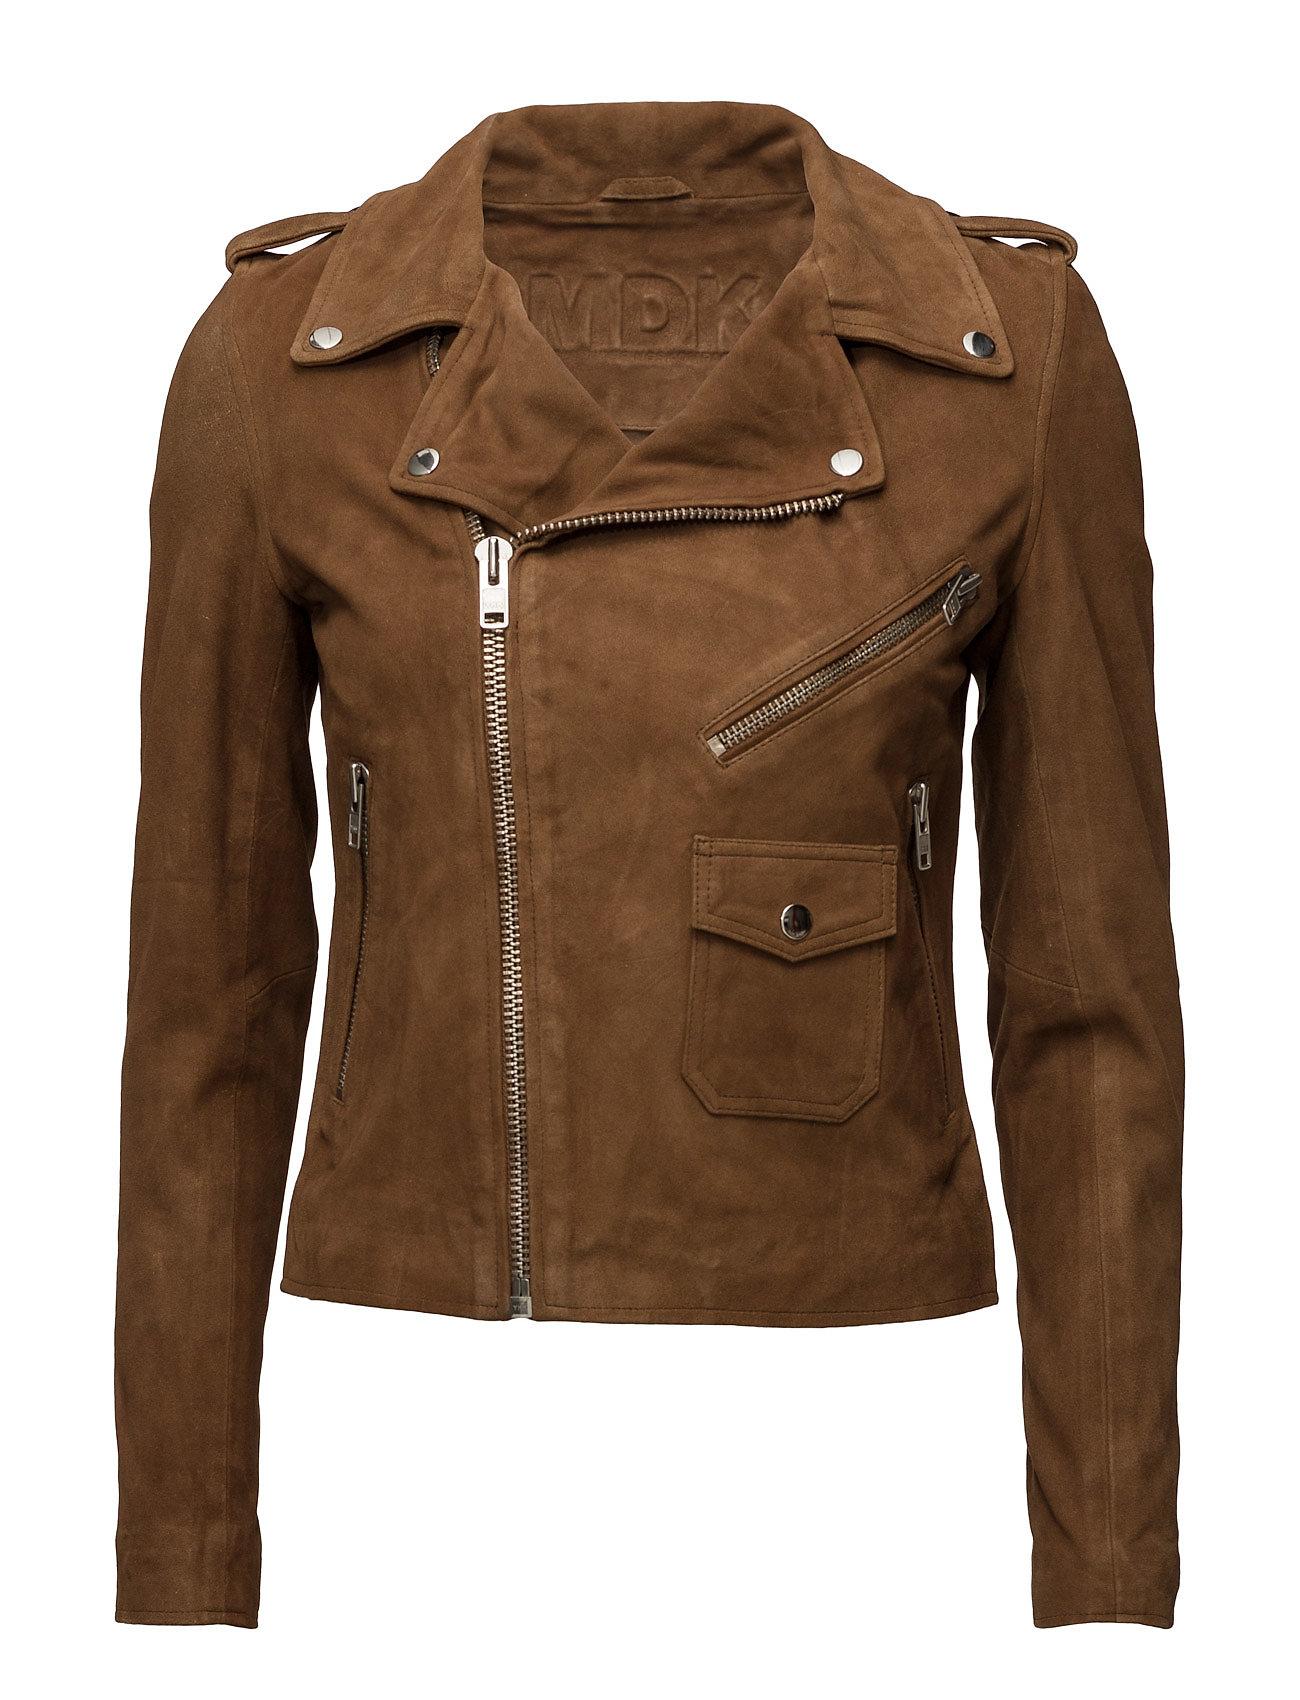 2eb2f1d2ceed De läckraste Patti Suede Jacket (Grey) MDK / Munderingskompagniet Jackets  till Kvinnor i skönt material